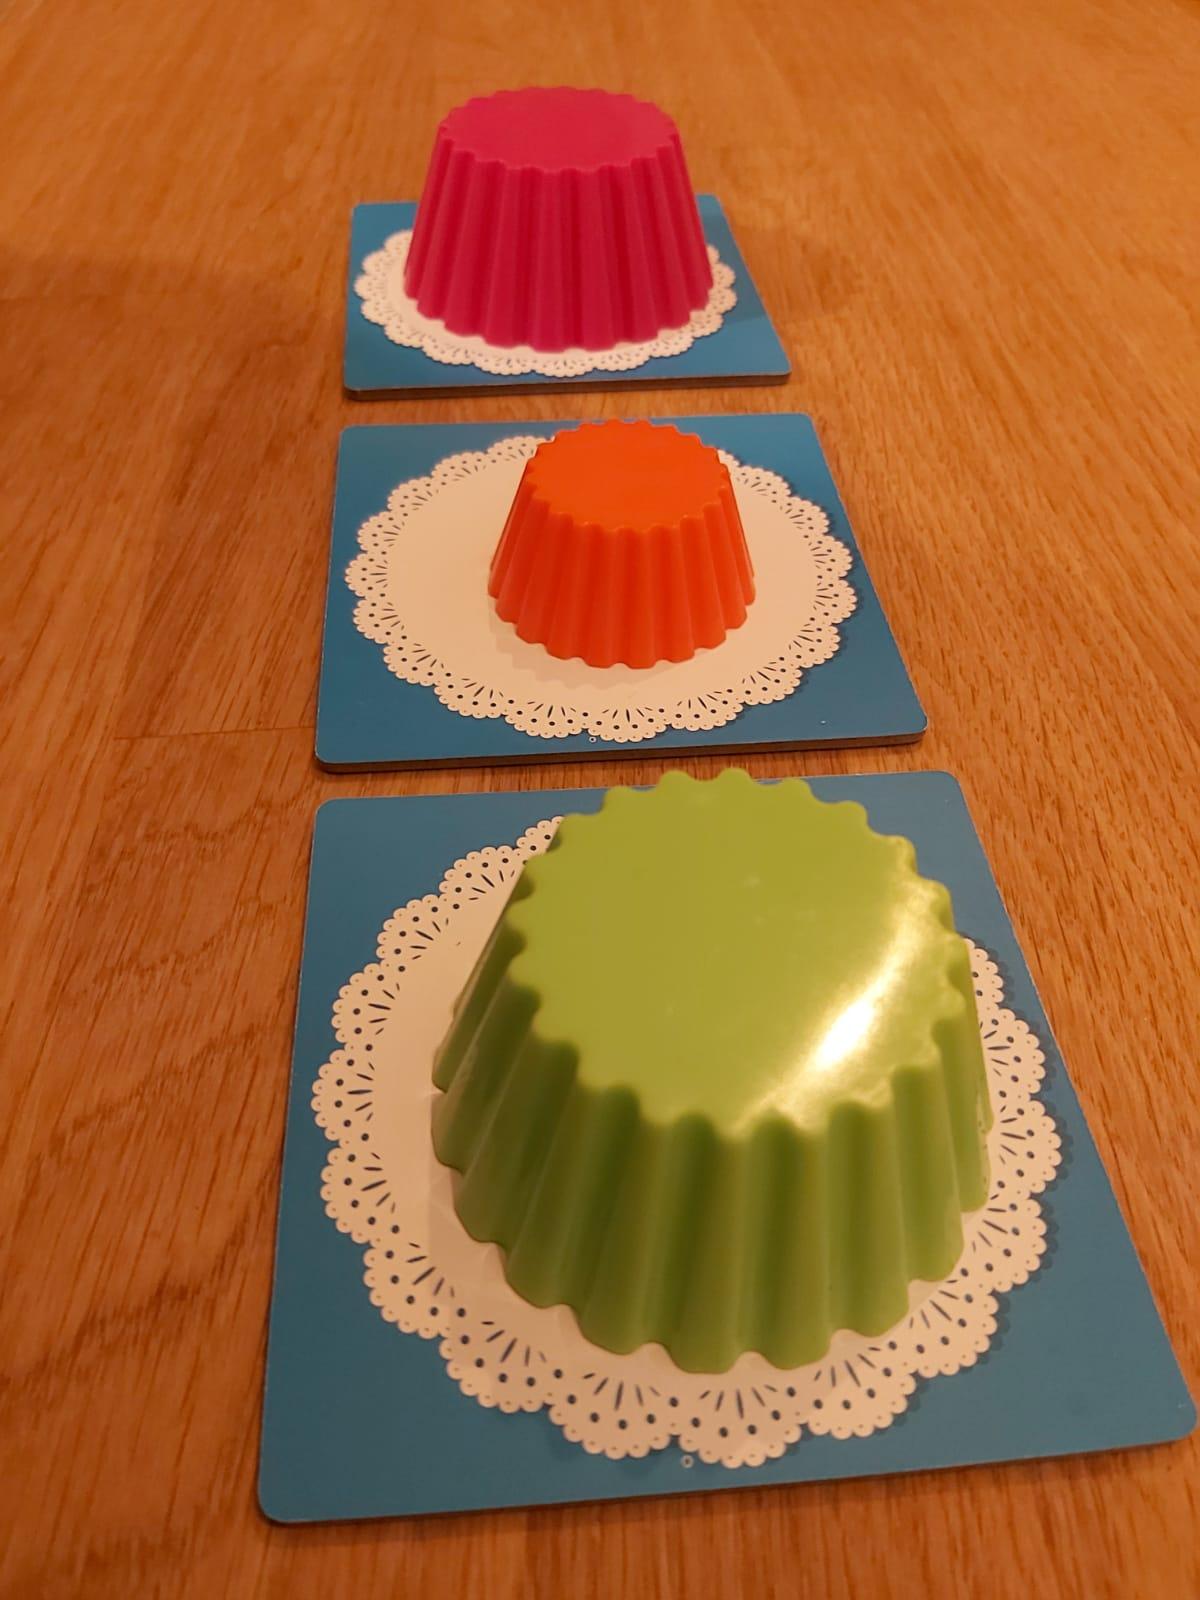 Zu sehen sind die bunten Cupcake-Förmchen auf dem blauen Teller-Set